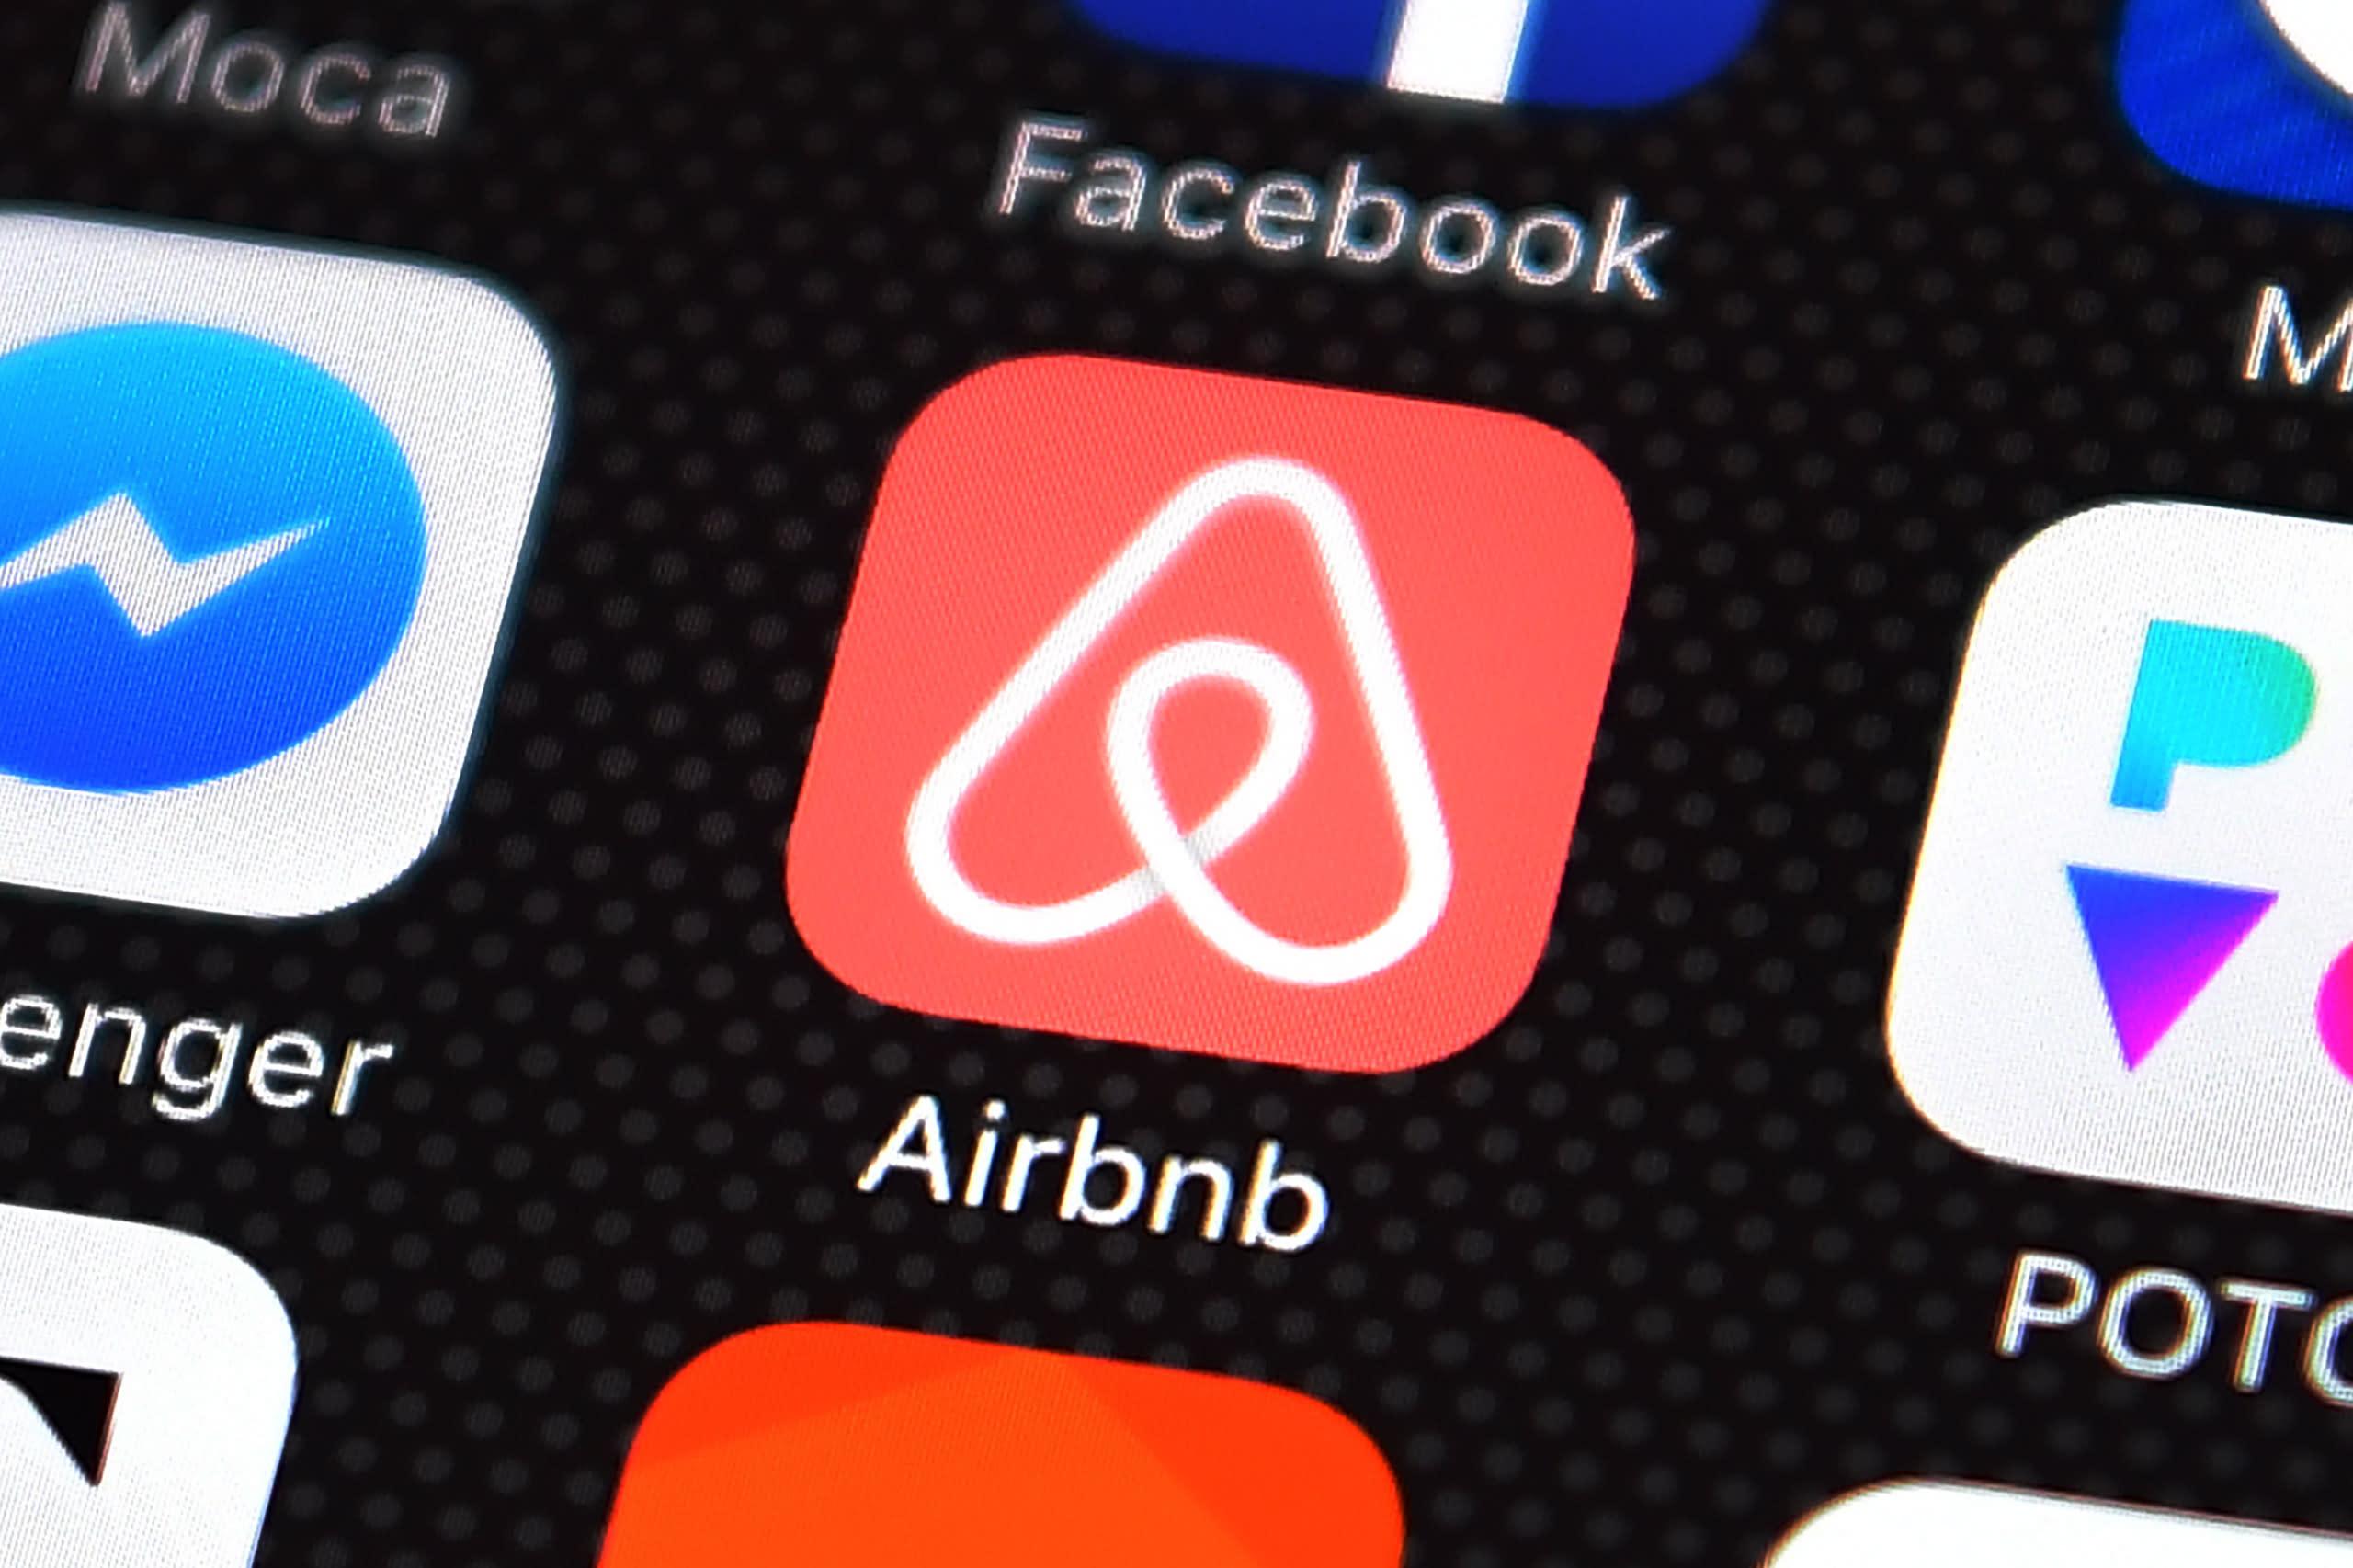 Как удалить объявление в airbnb